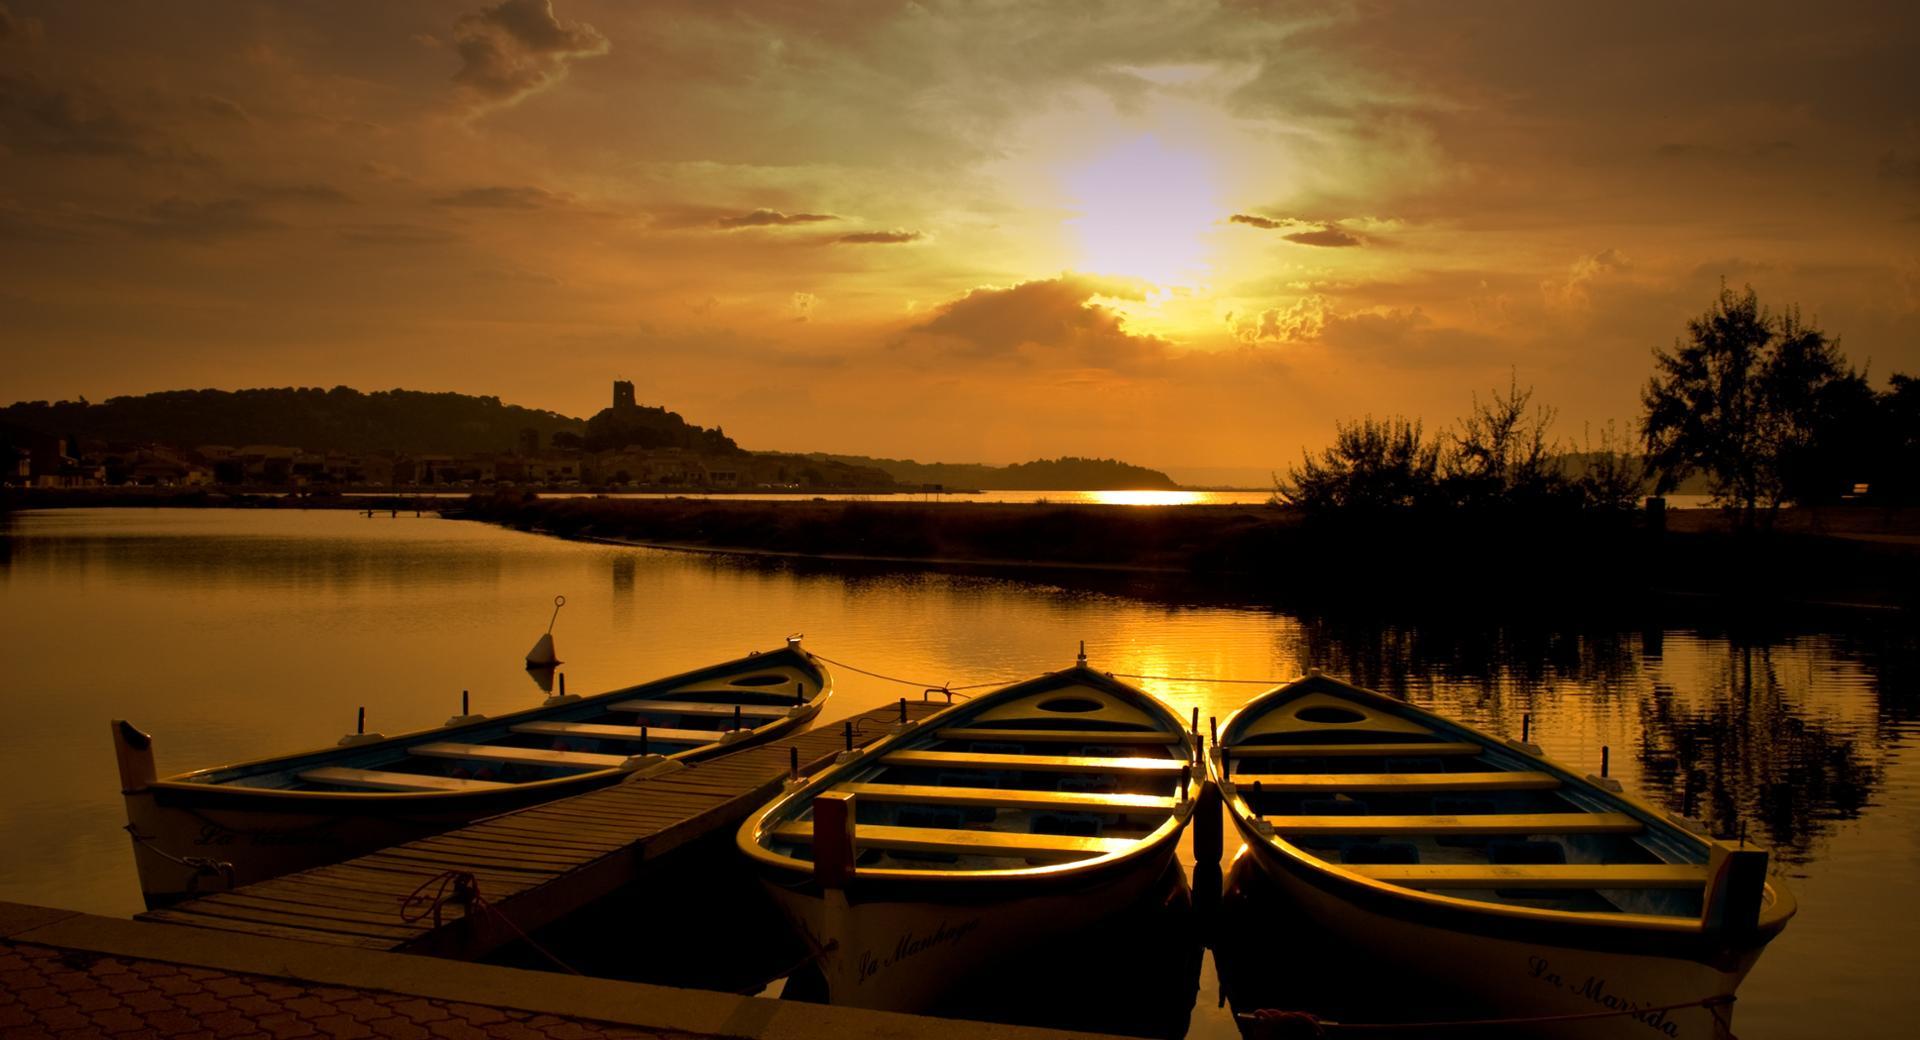 Les barques de gruissan